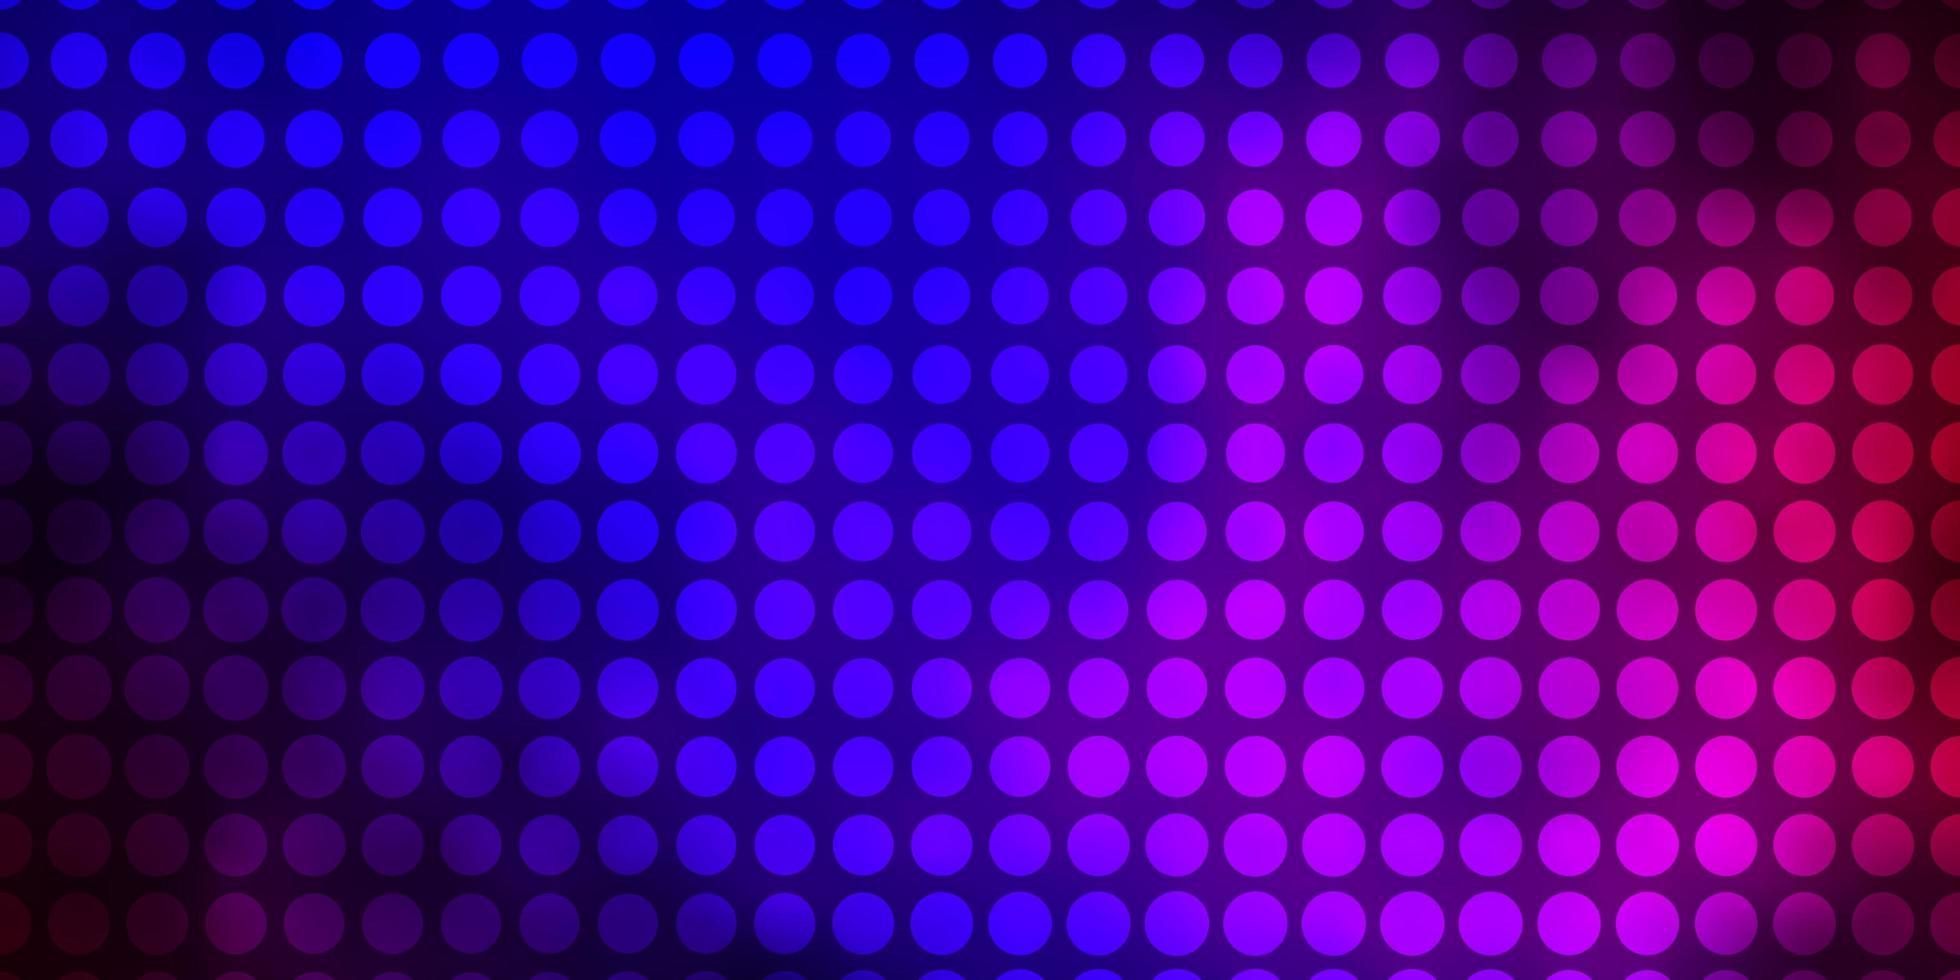 dunkelblaues, rotes Vektormuster mit Kreisen. vektor